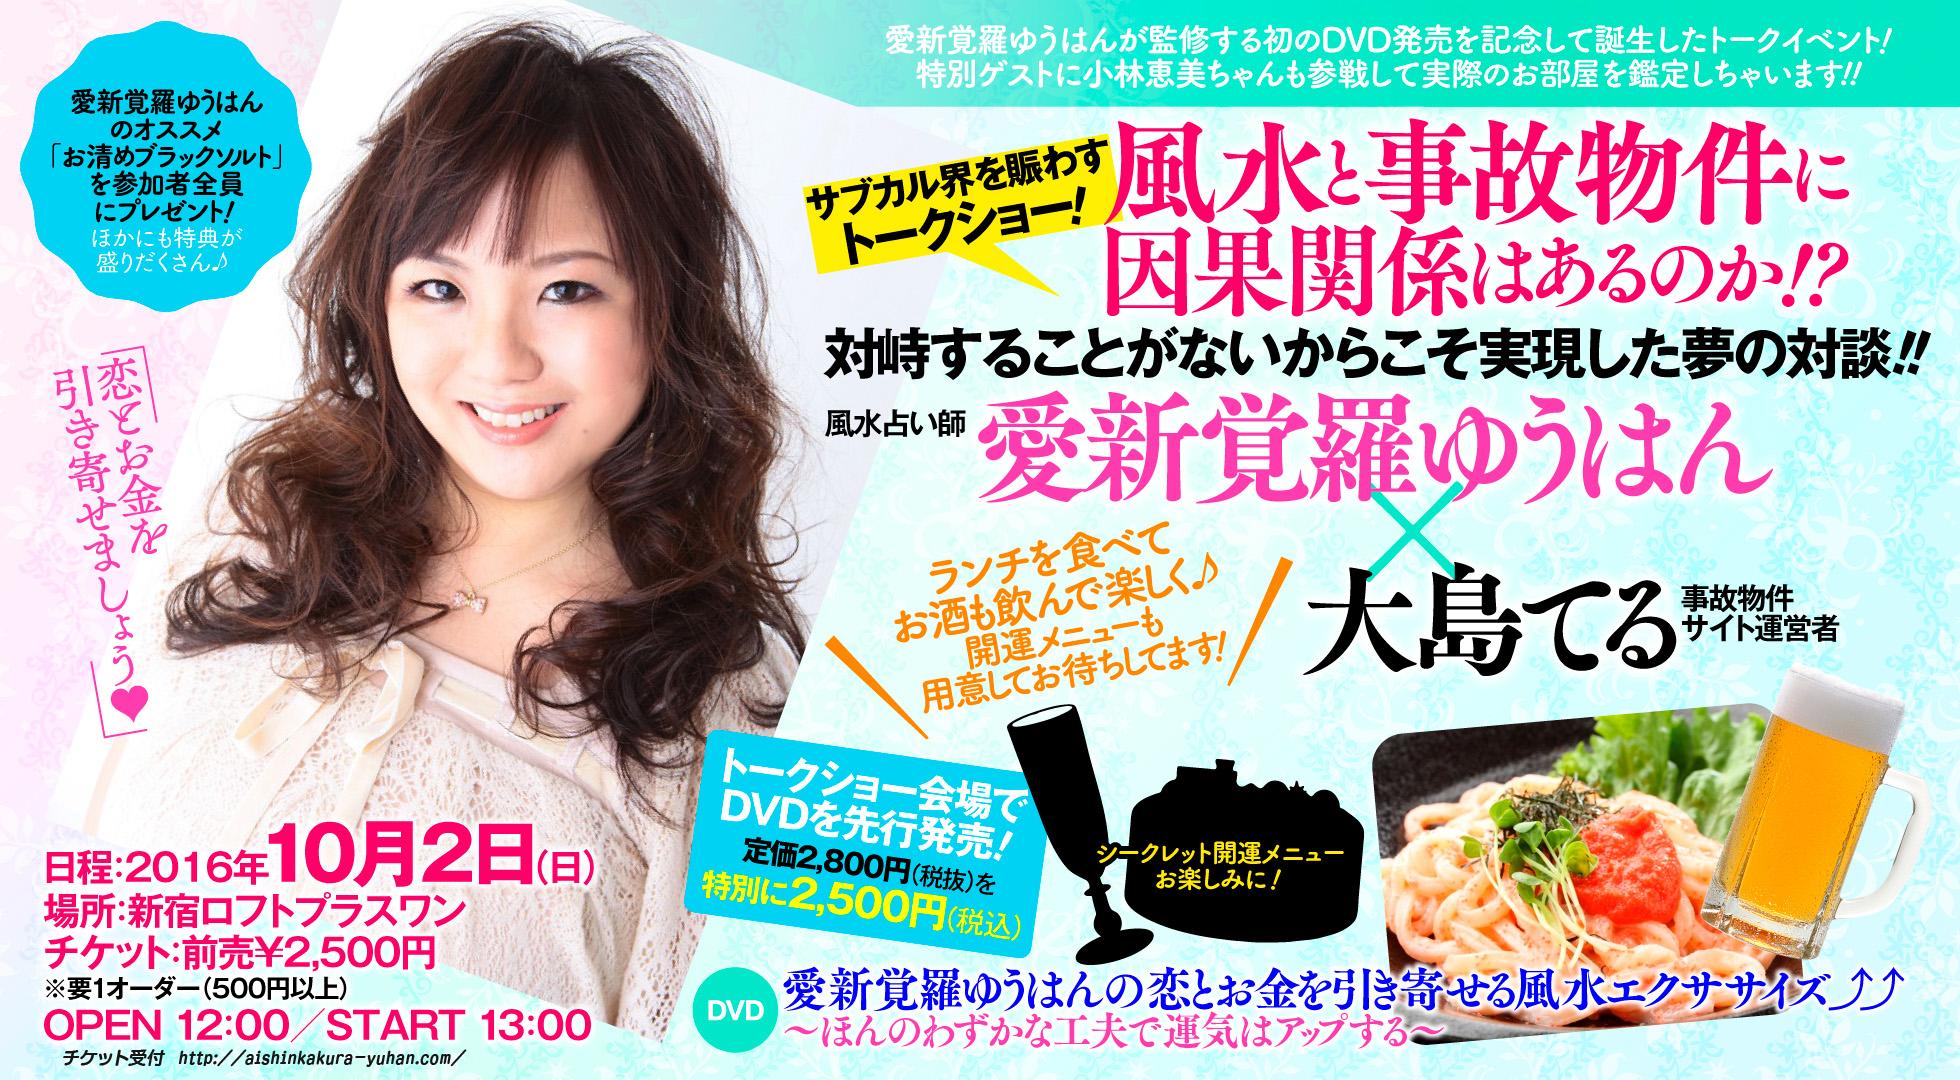 10月2日12時~ 大島てる×愛新覚羅ゆうはんの風水と事故物件トークショーの開催募集です!